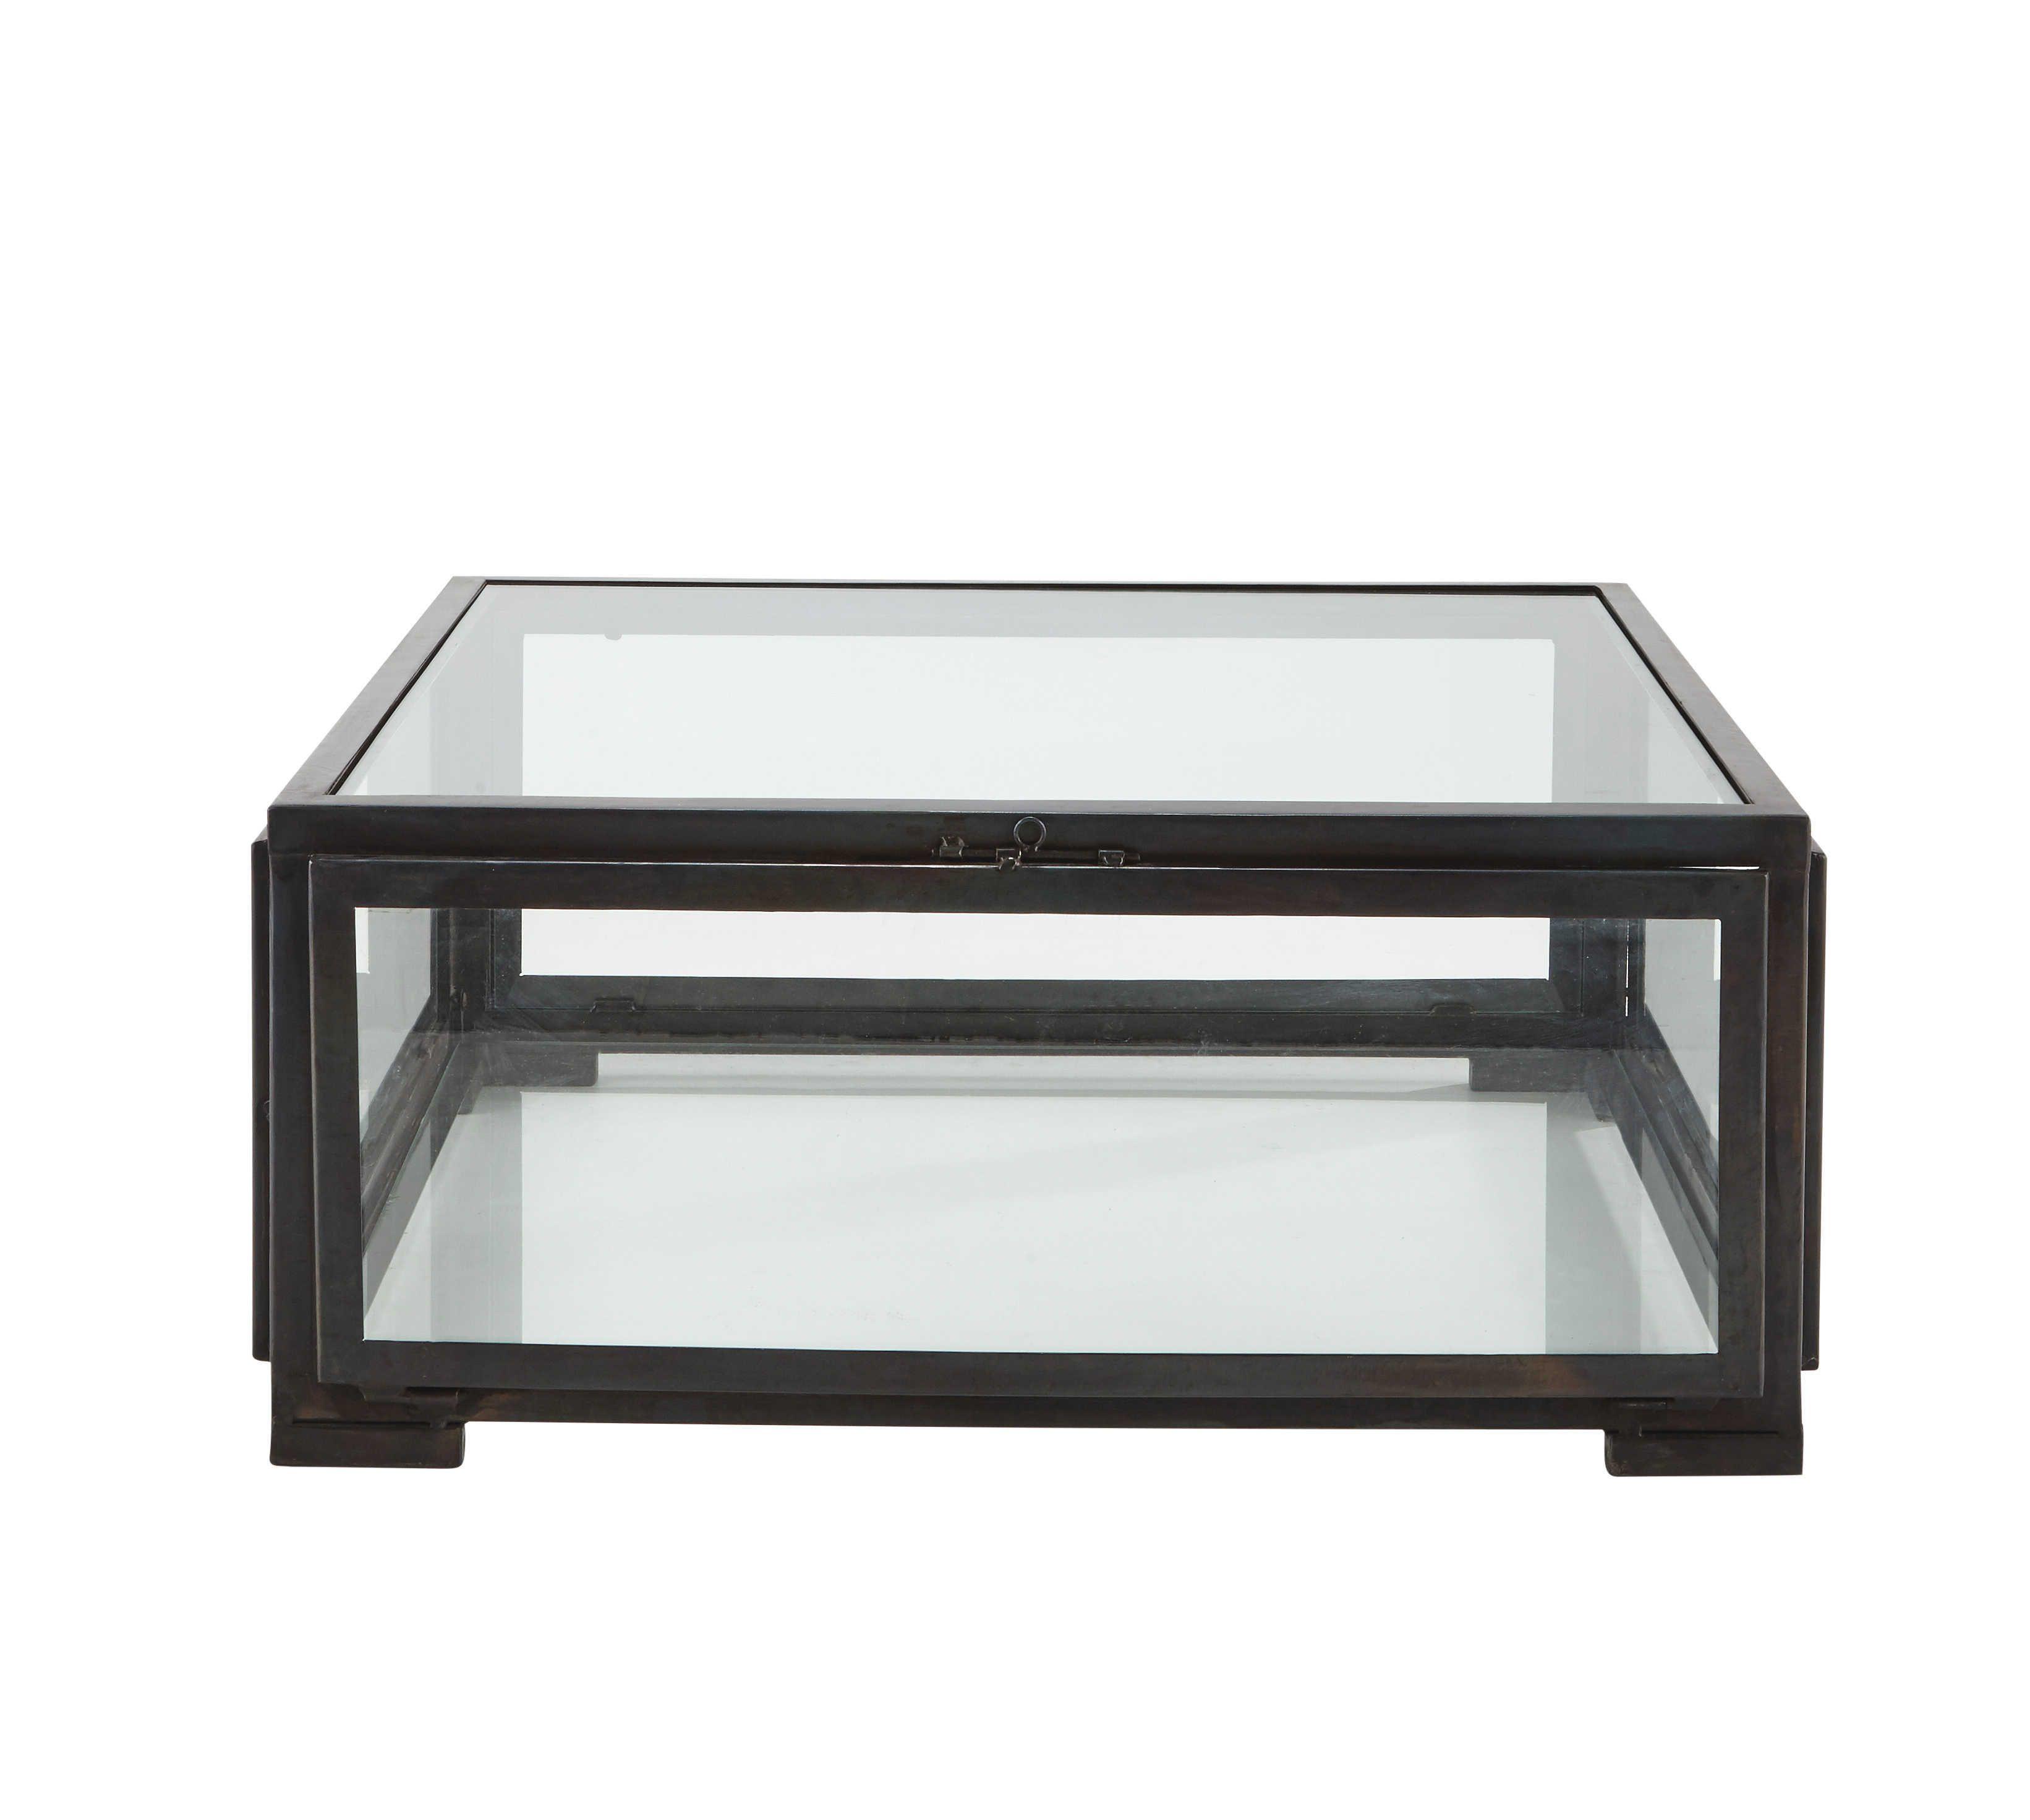 Tavolo Basso Quadrato Nero In Vetro E Metallo L 80 Cm Alphonse Table Basse Carree En Verre Table Basse Metal Table Basse Carree